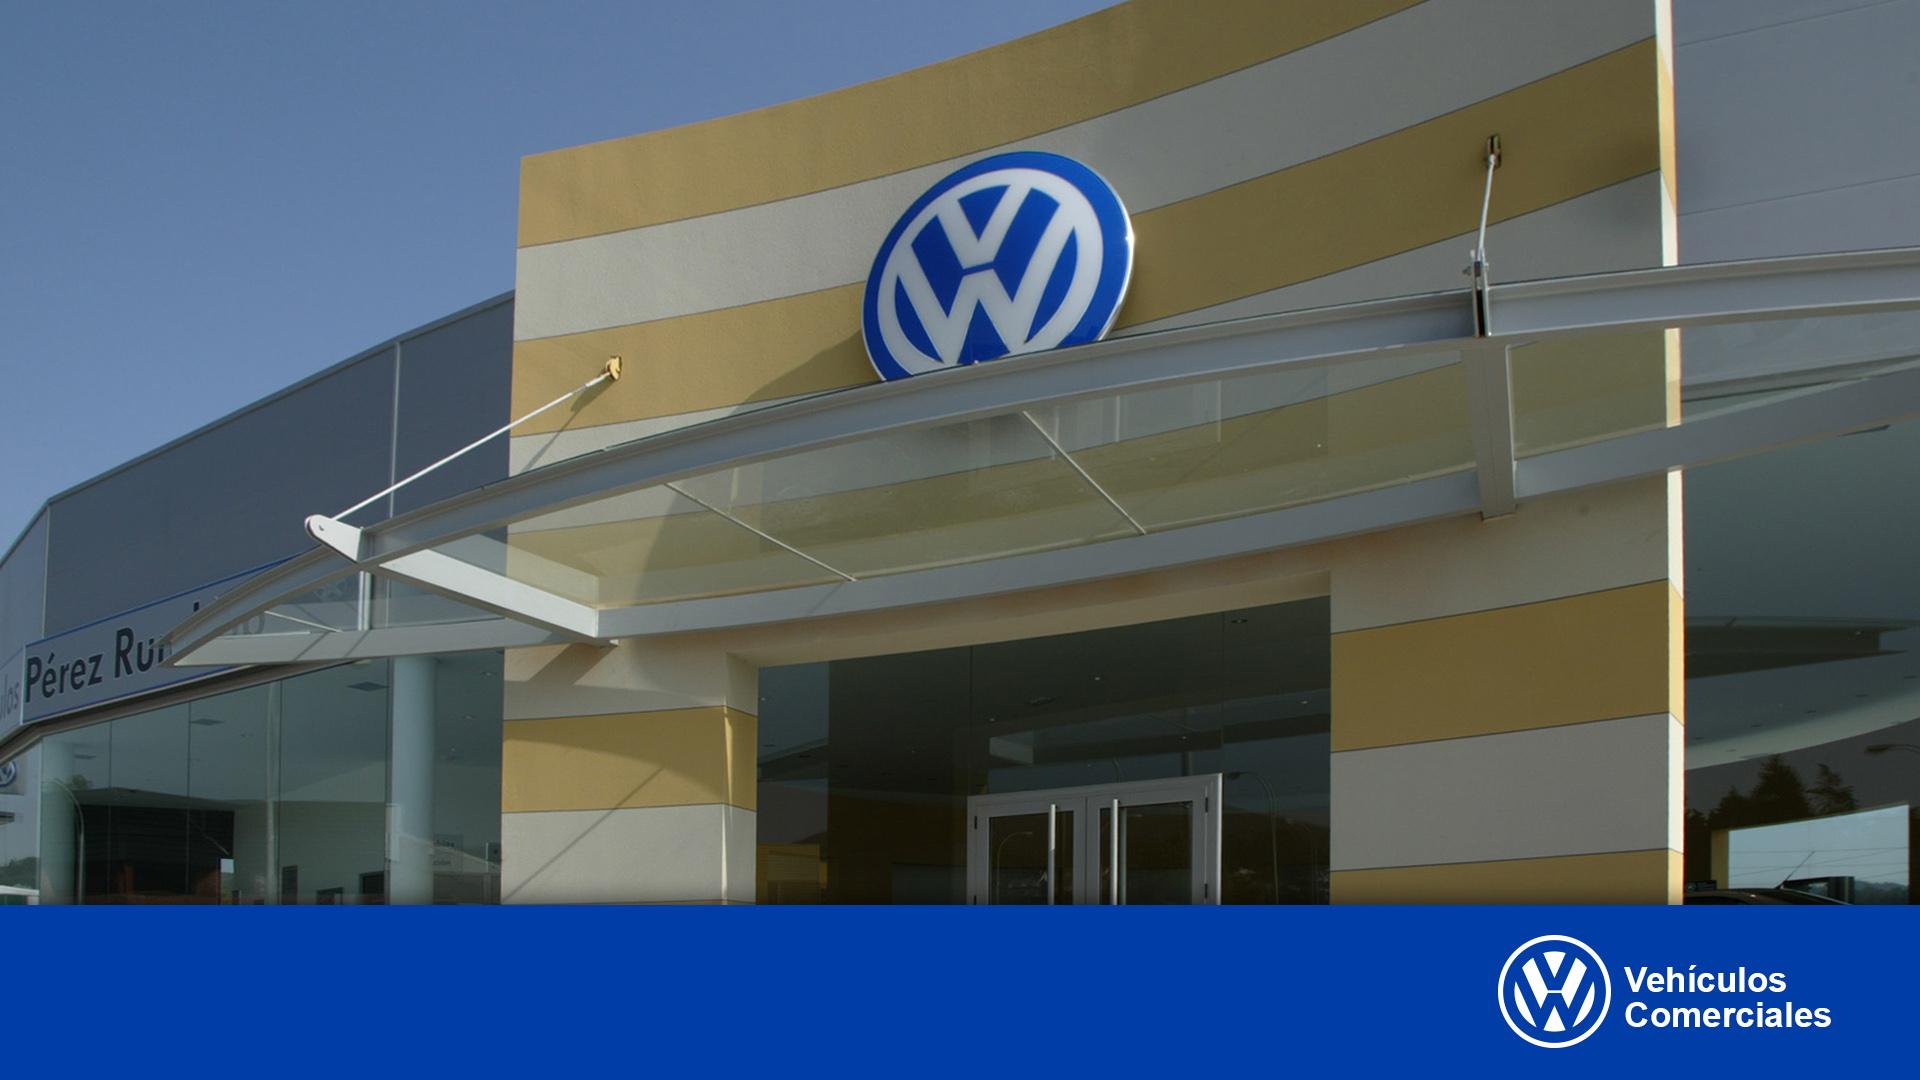 Vepersa Villagarcía Volkswagen Comerciales